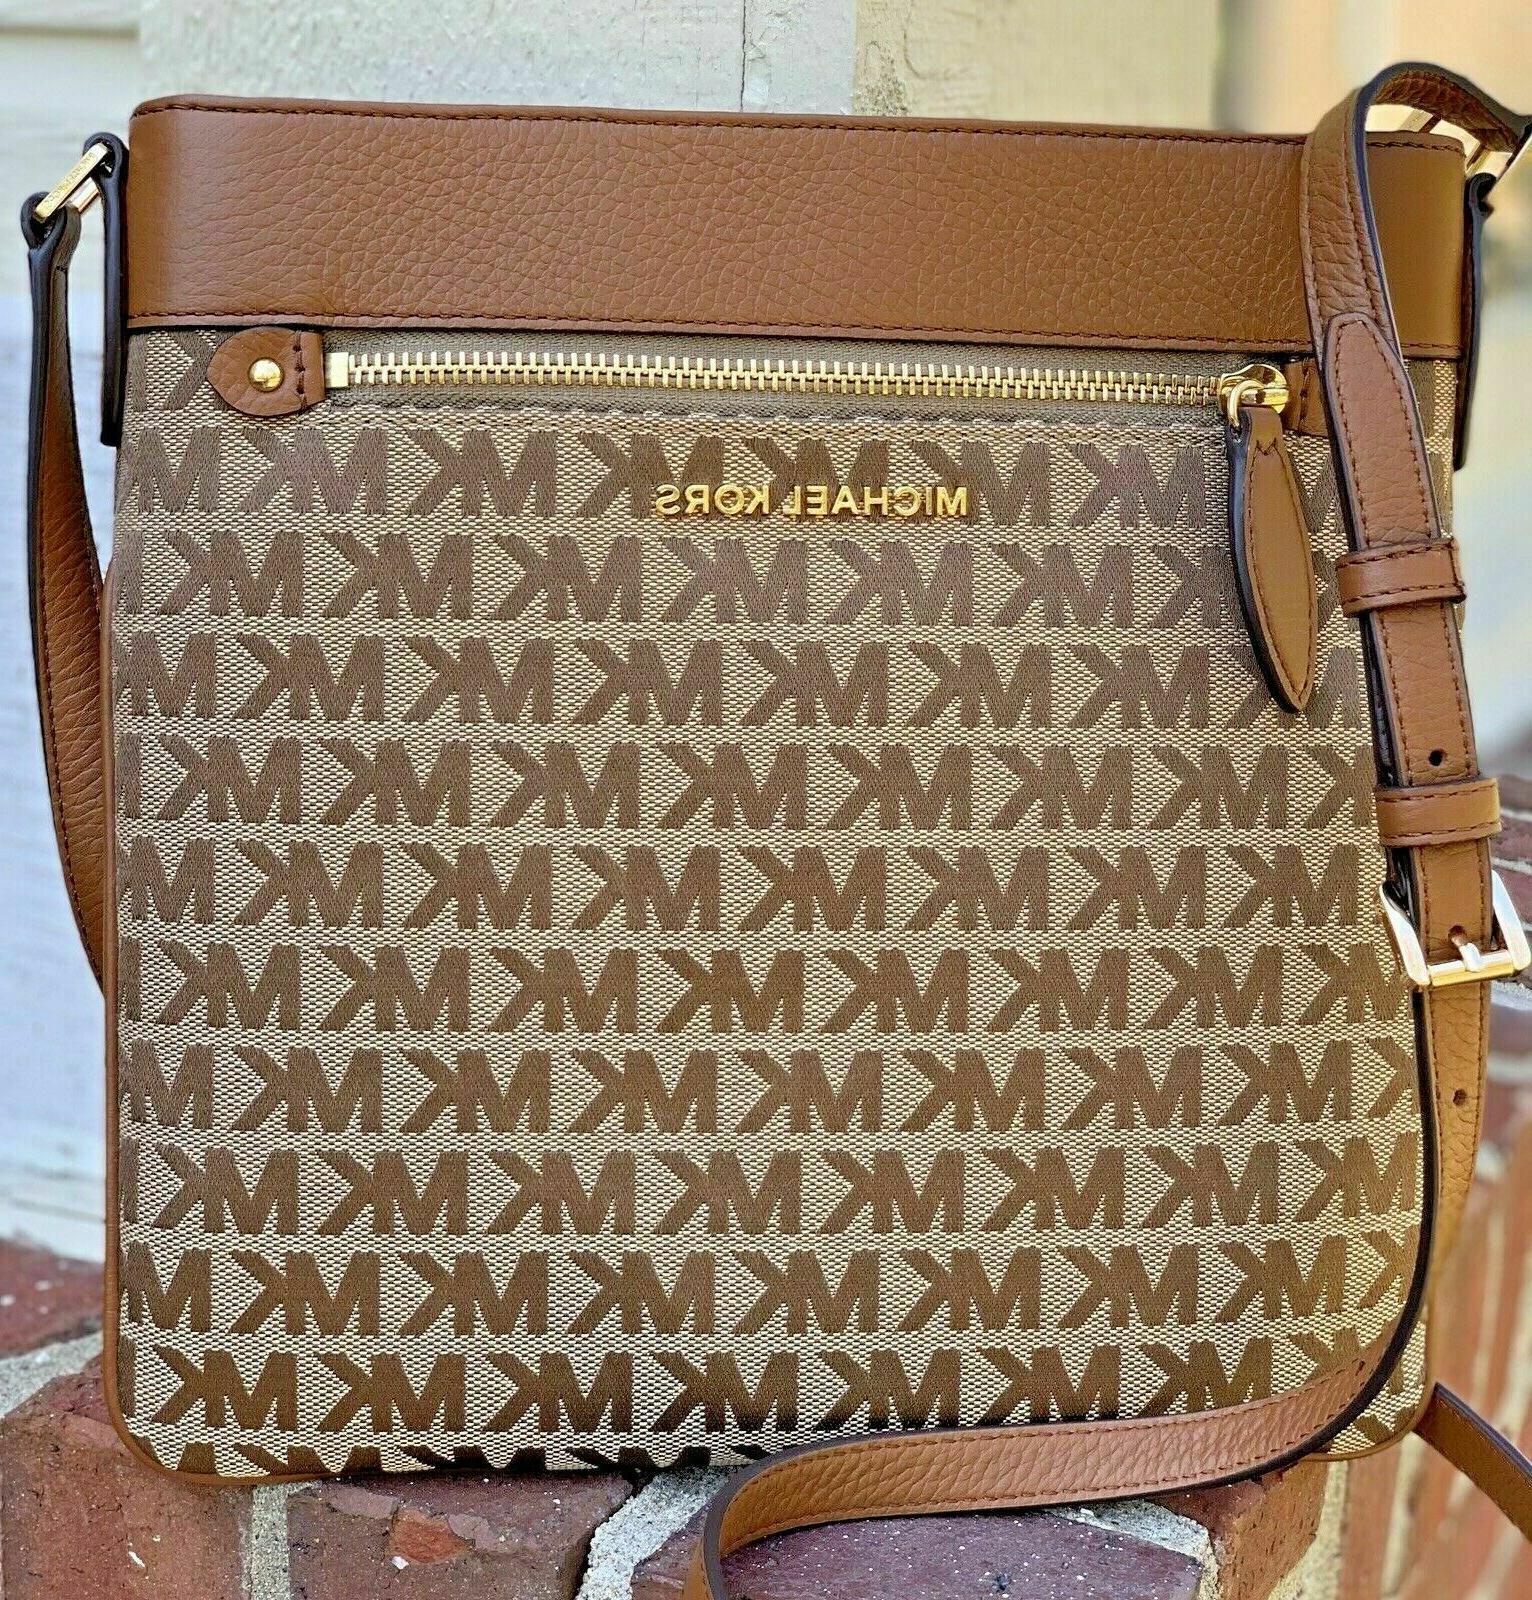 New Michael Large Top Zip Bag